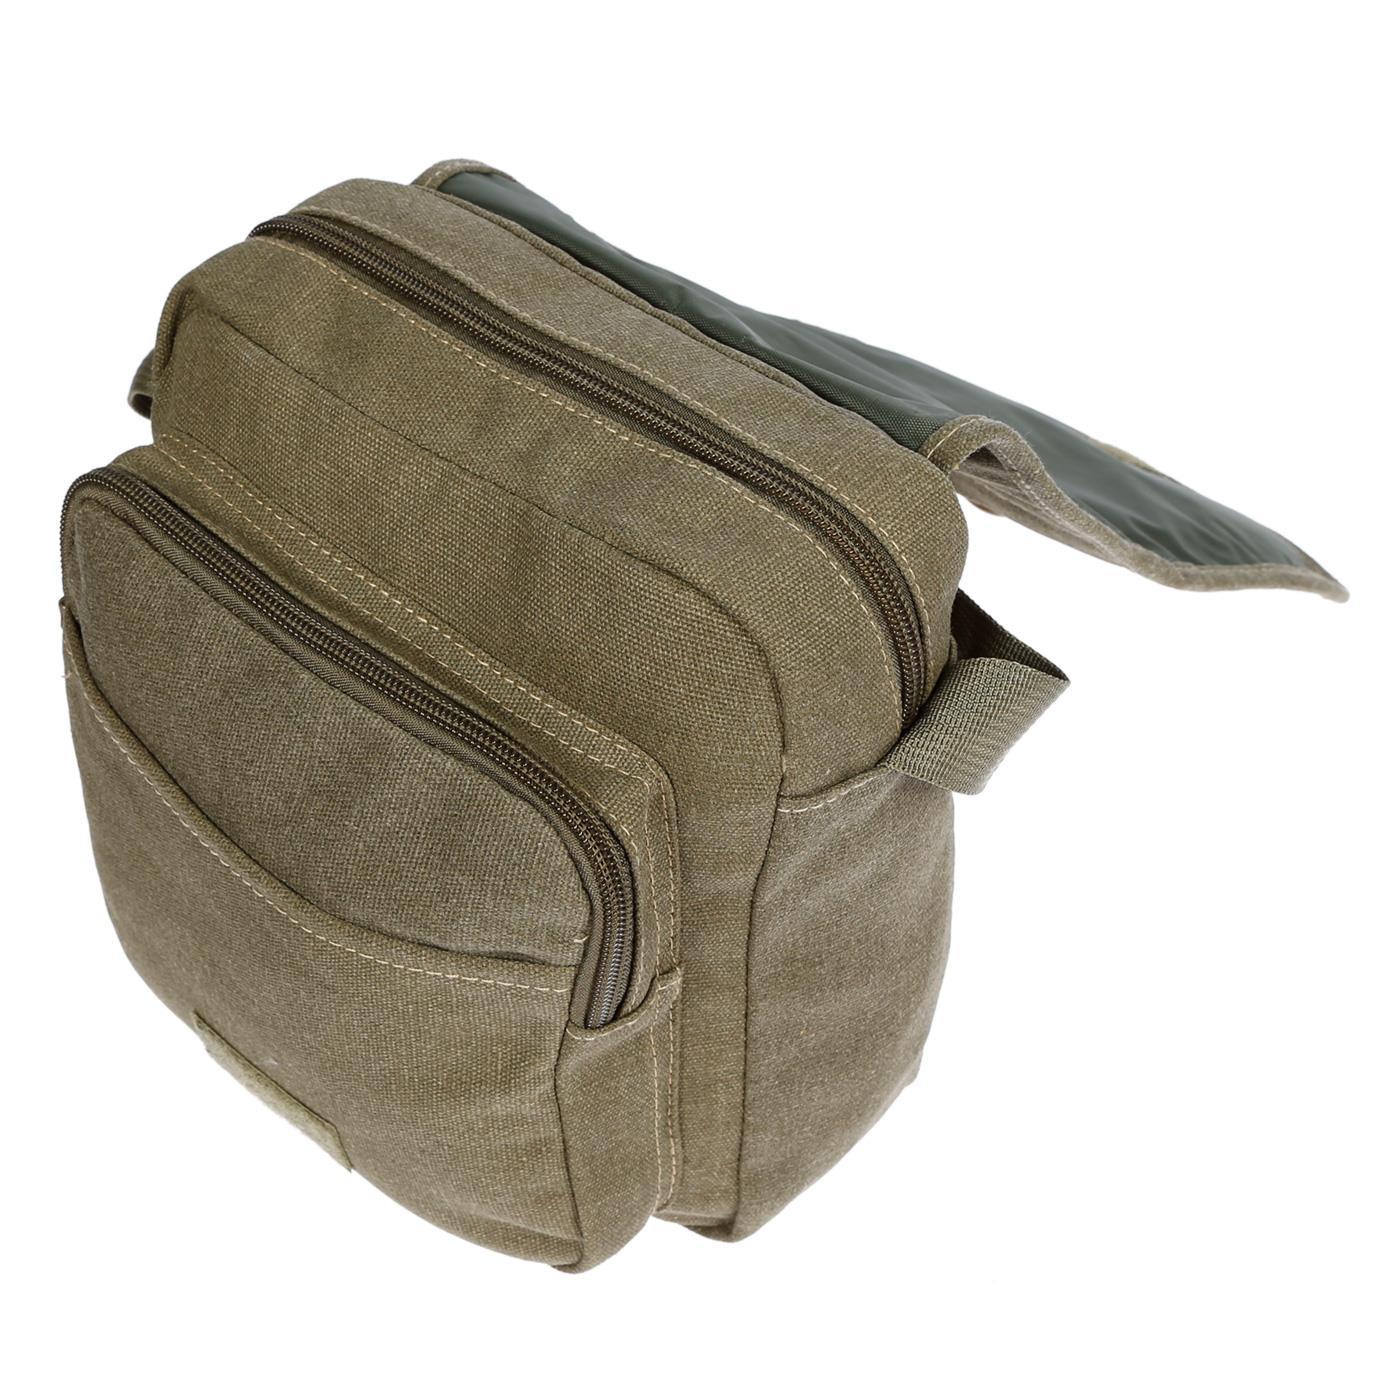 Damen-Herren-Tasche-Canvas-Umhaengetasche-Schultertasche-Crossover-Bag-Handtasche Indexbild 40